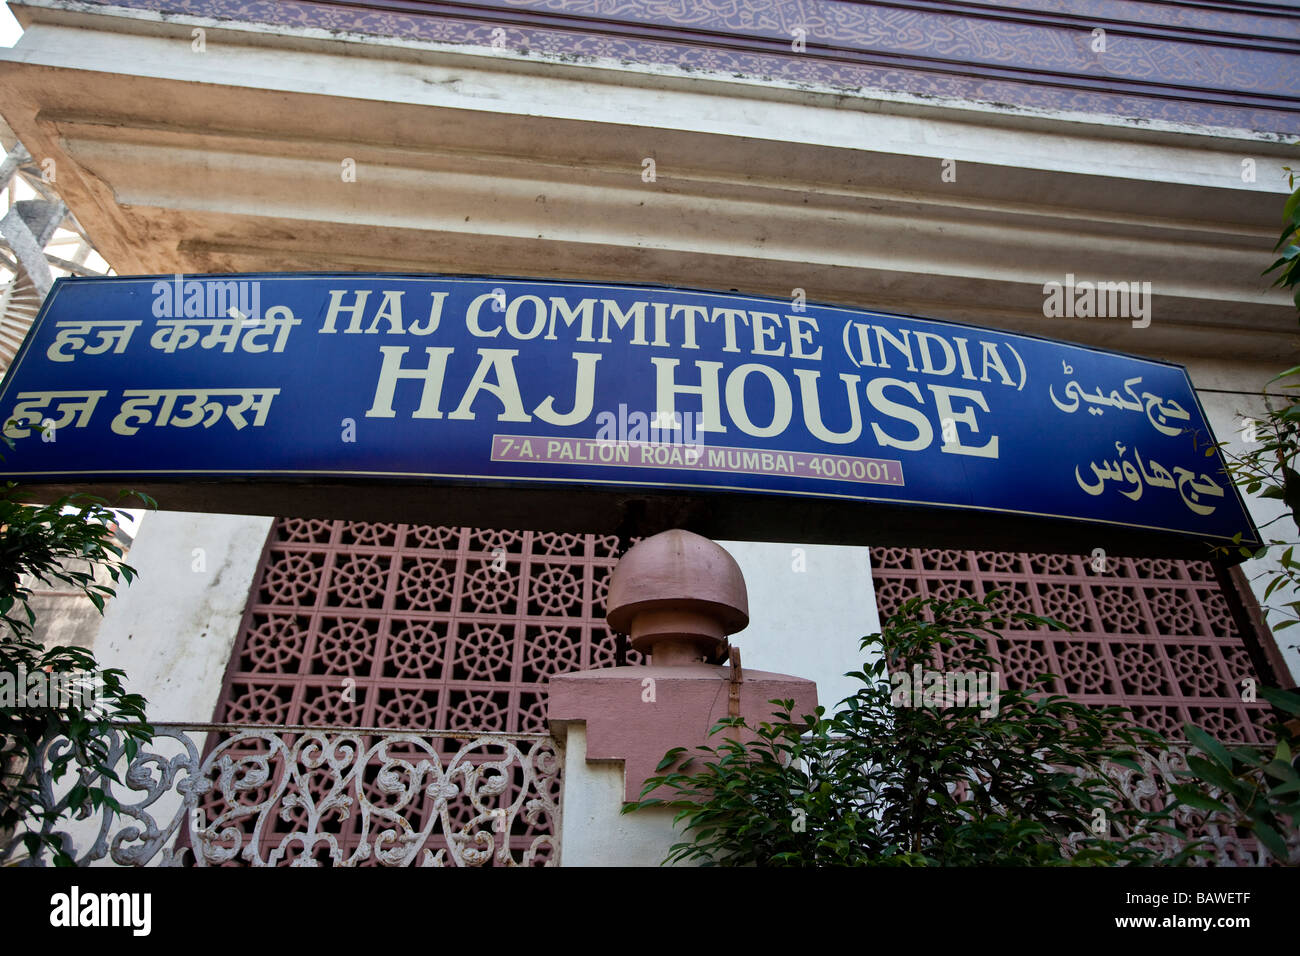 haj india के लिए इमेज परिणाम